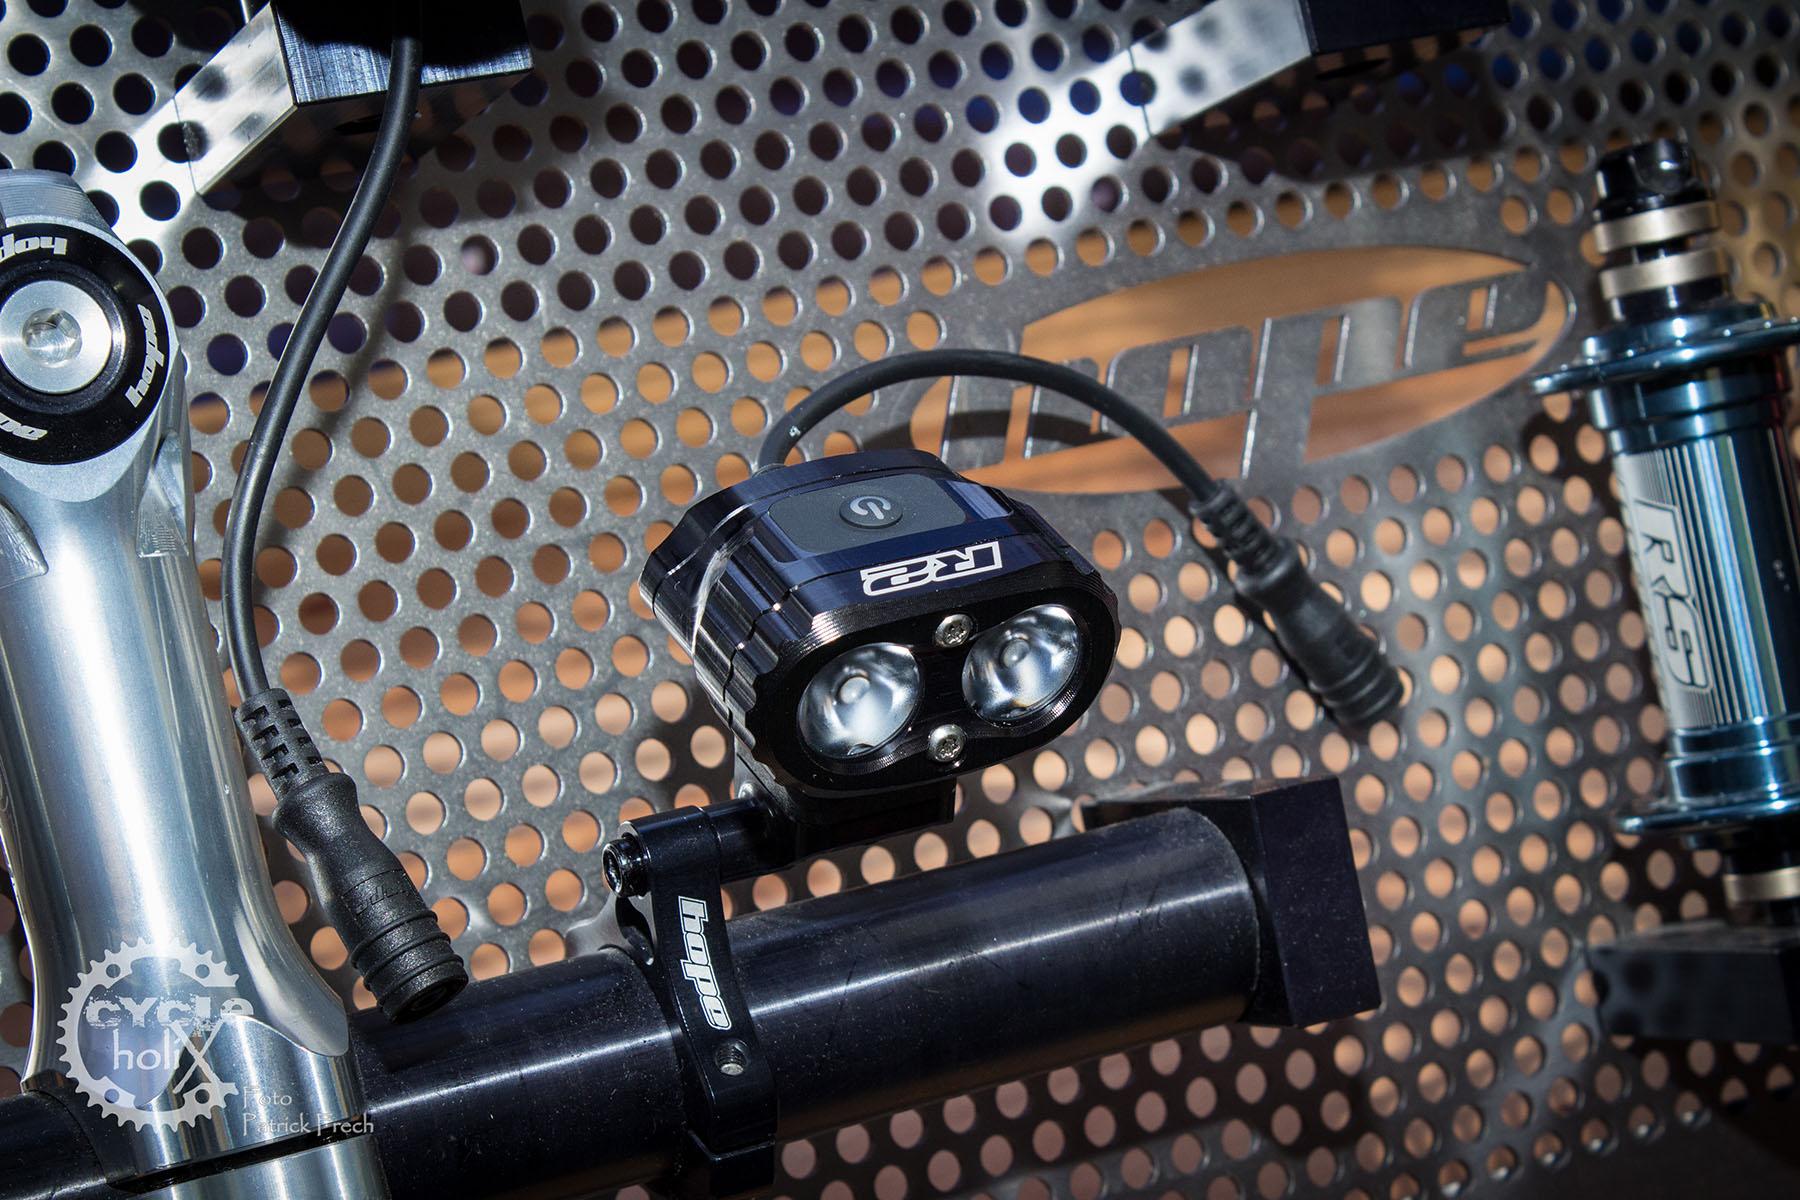 Und dann kommt noch neues Licht in Form der R2i die man mit einem separaten Akku auch als Taschenlampe nutzen kann